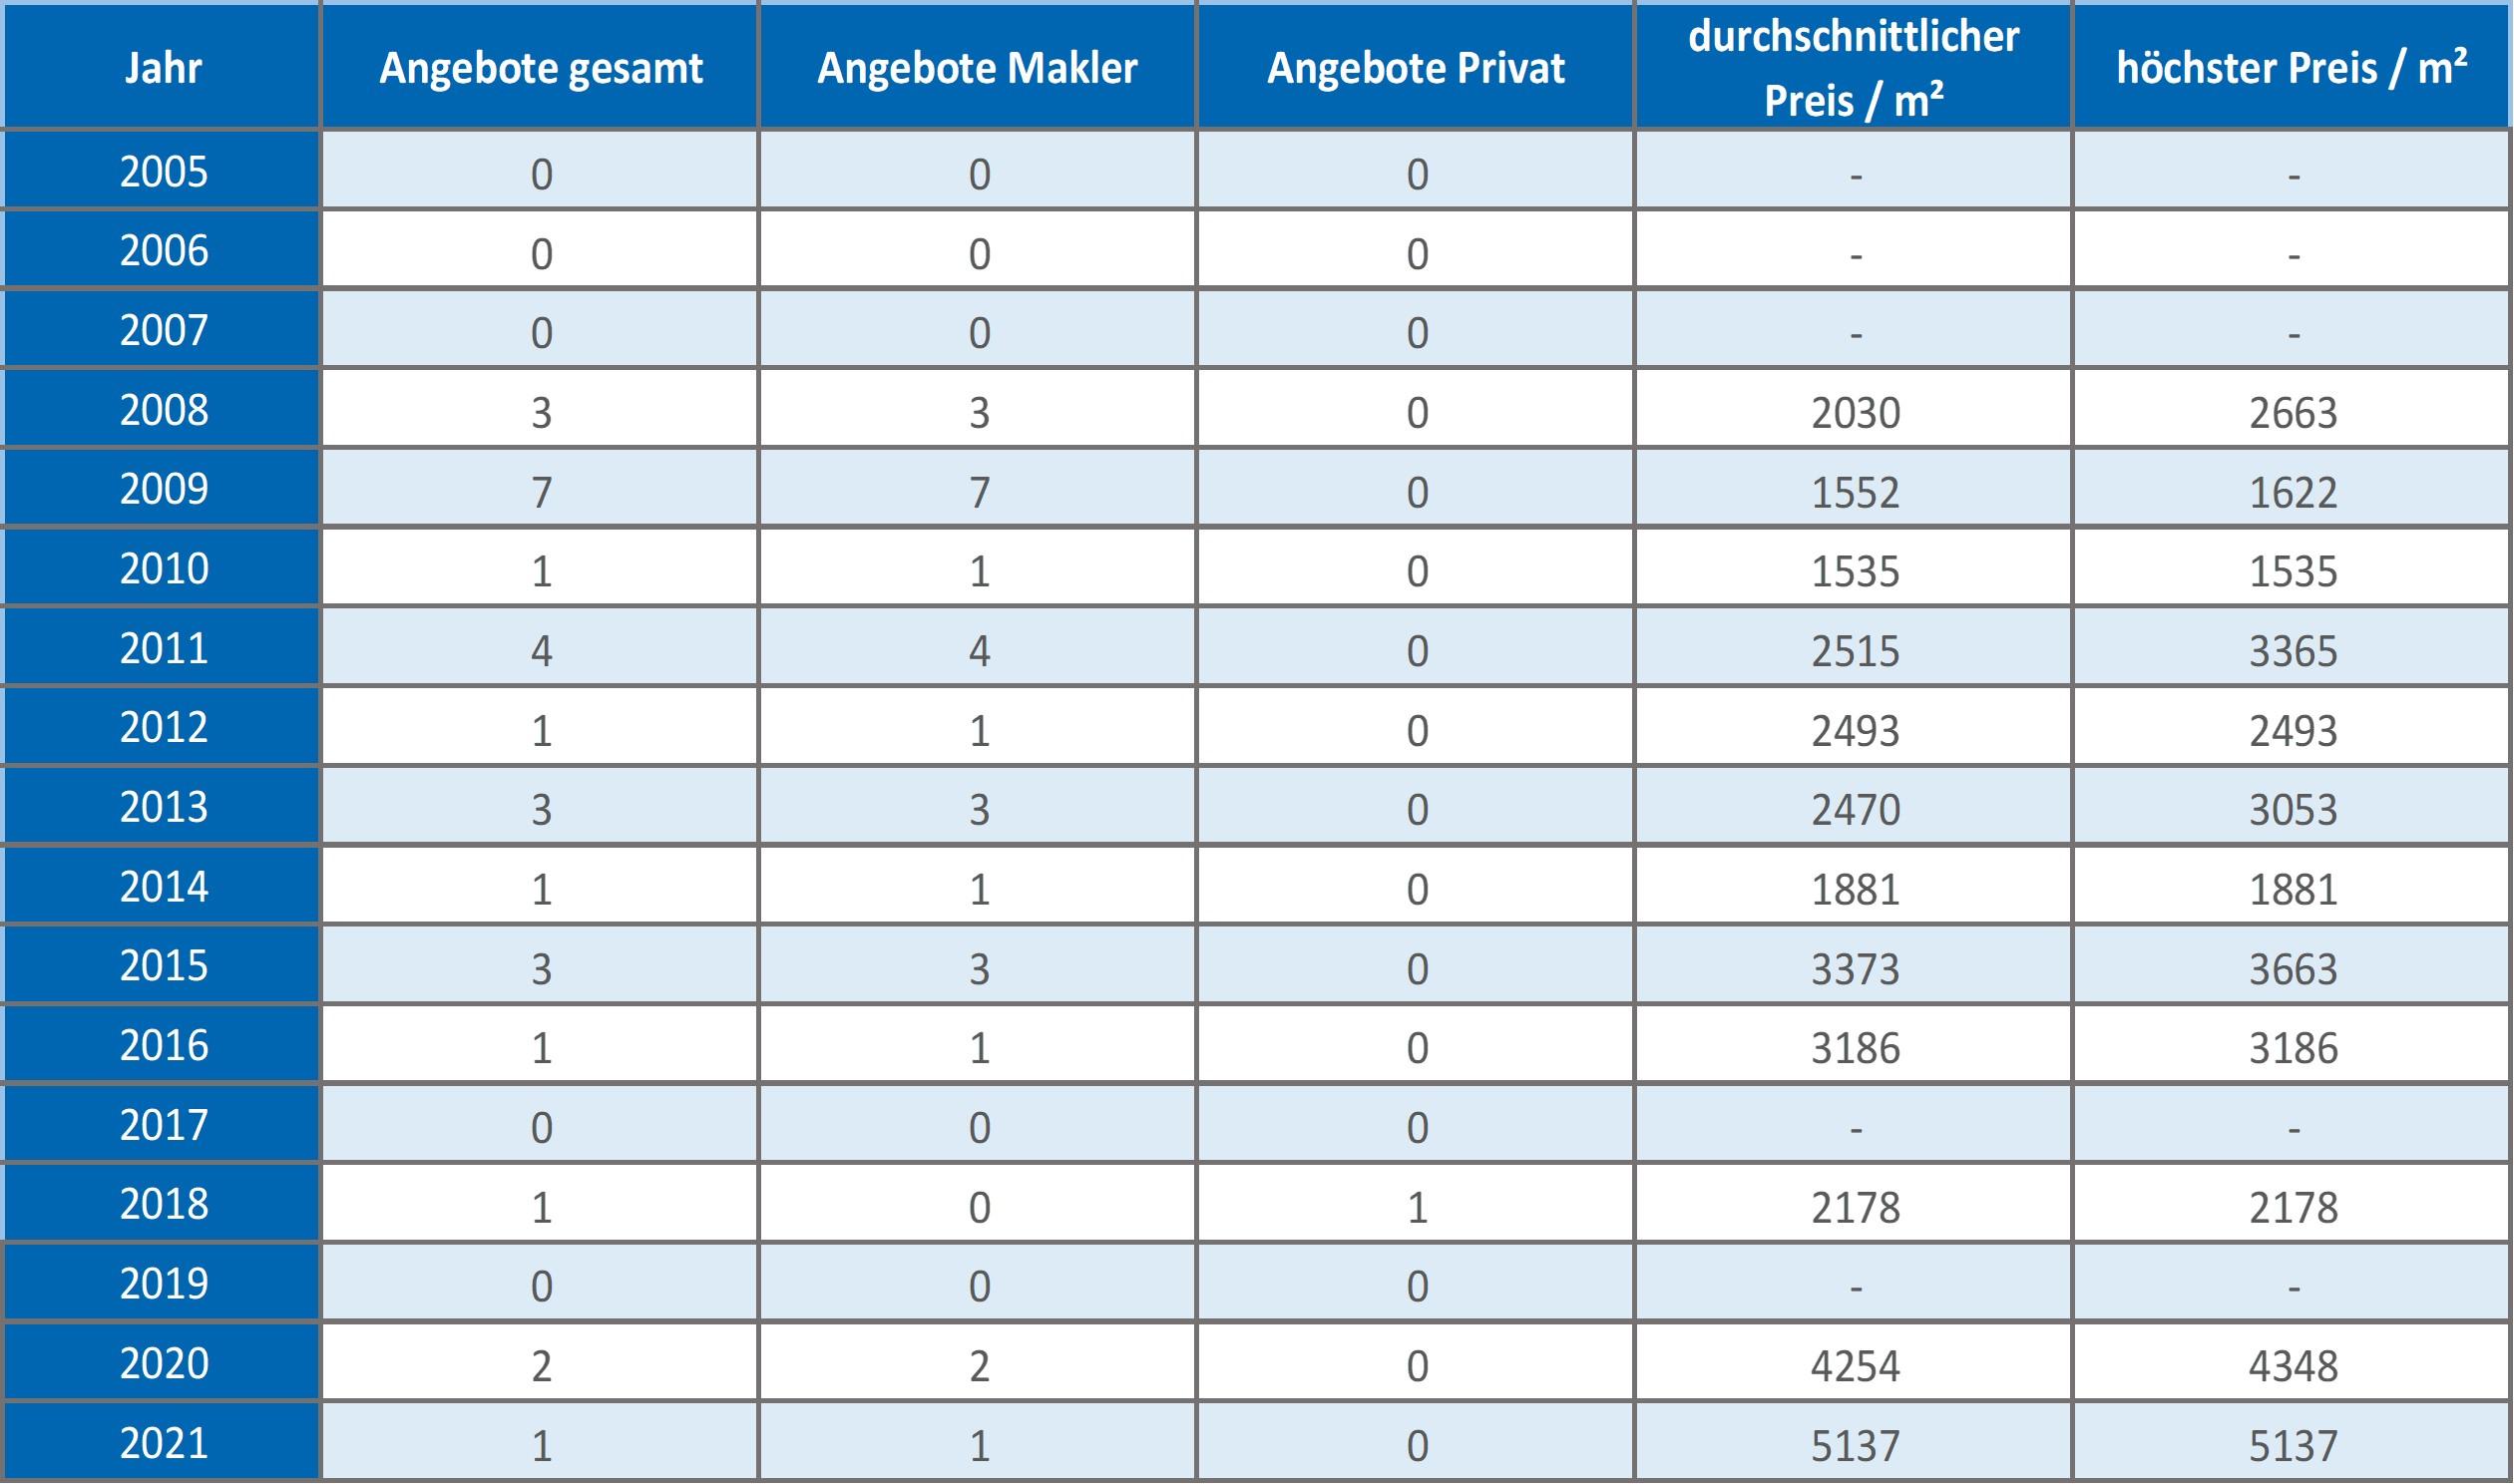 Aßling-Mehrfamilienhaus-kaufen-verkaufen-Makler 2019, 2020, 2021